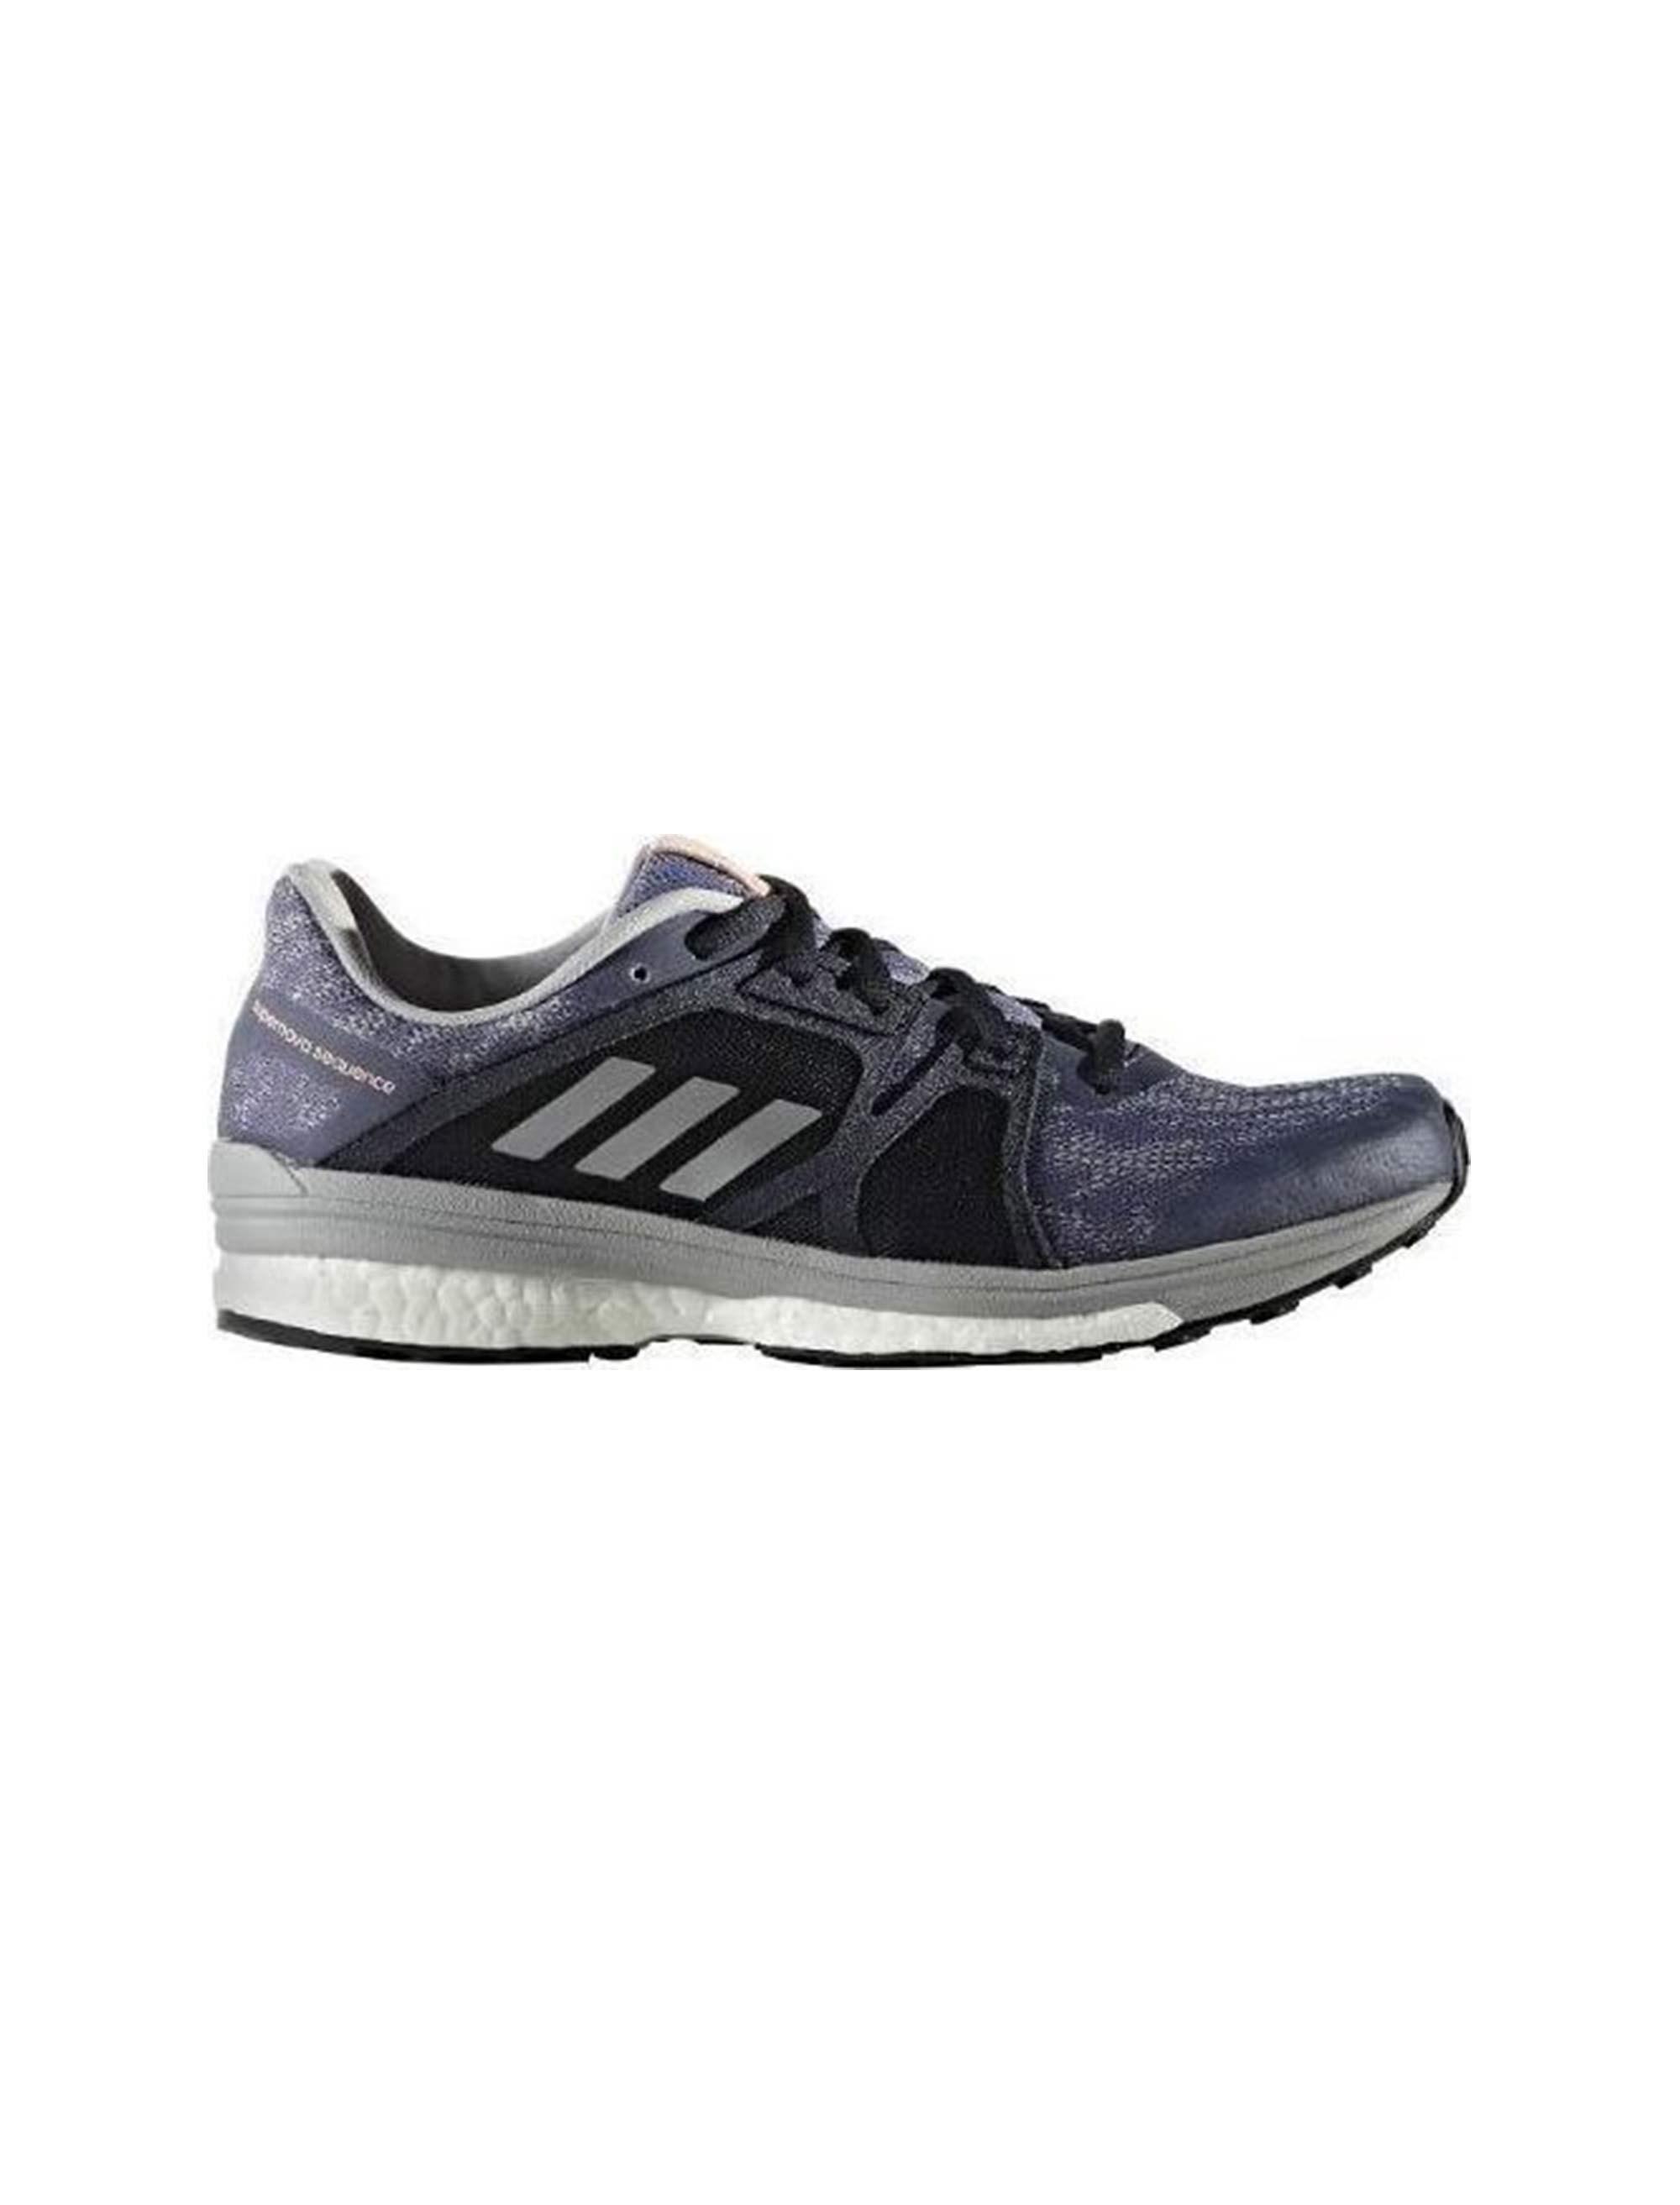 خرید کفش دویدن بندی زنانه SUPERNOVA SEQUENCE 9 – آدیداس